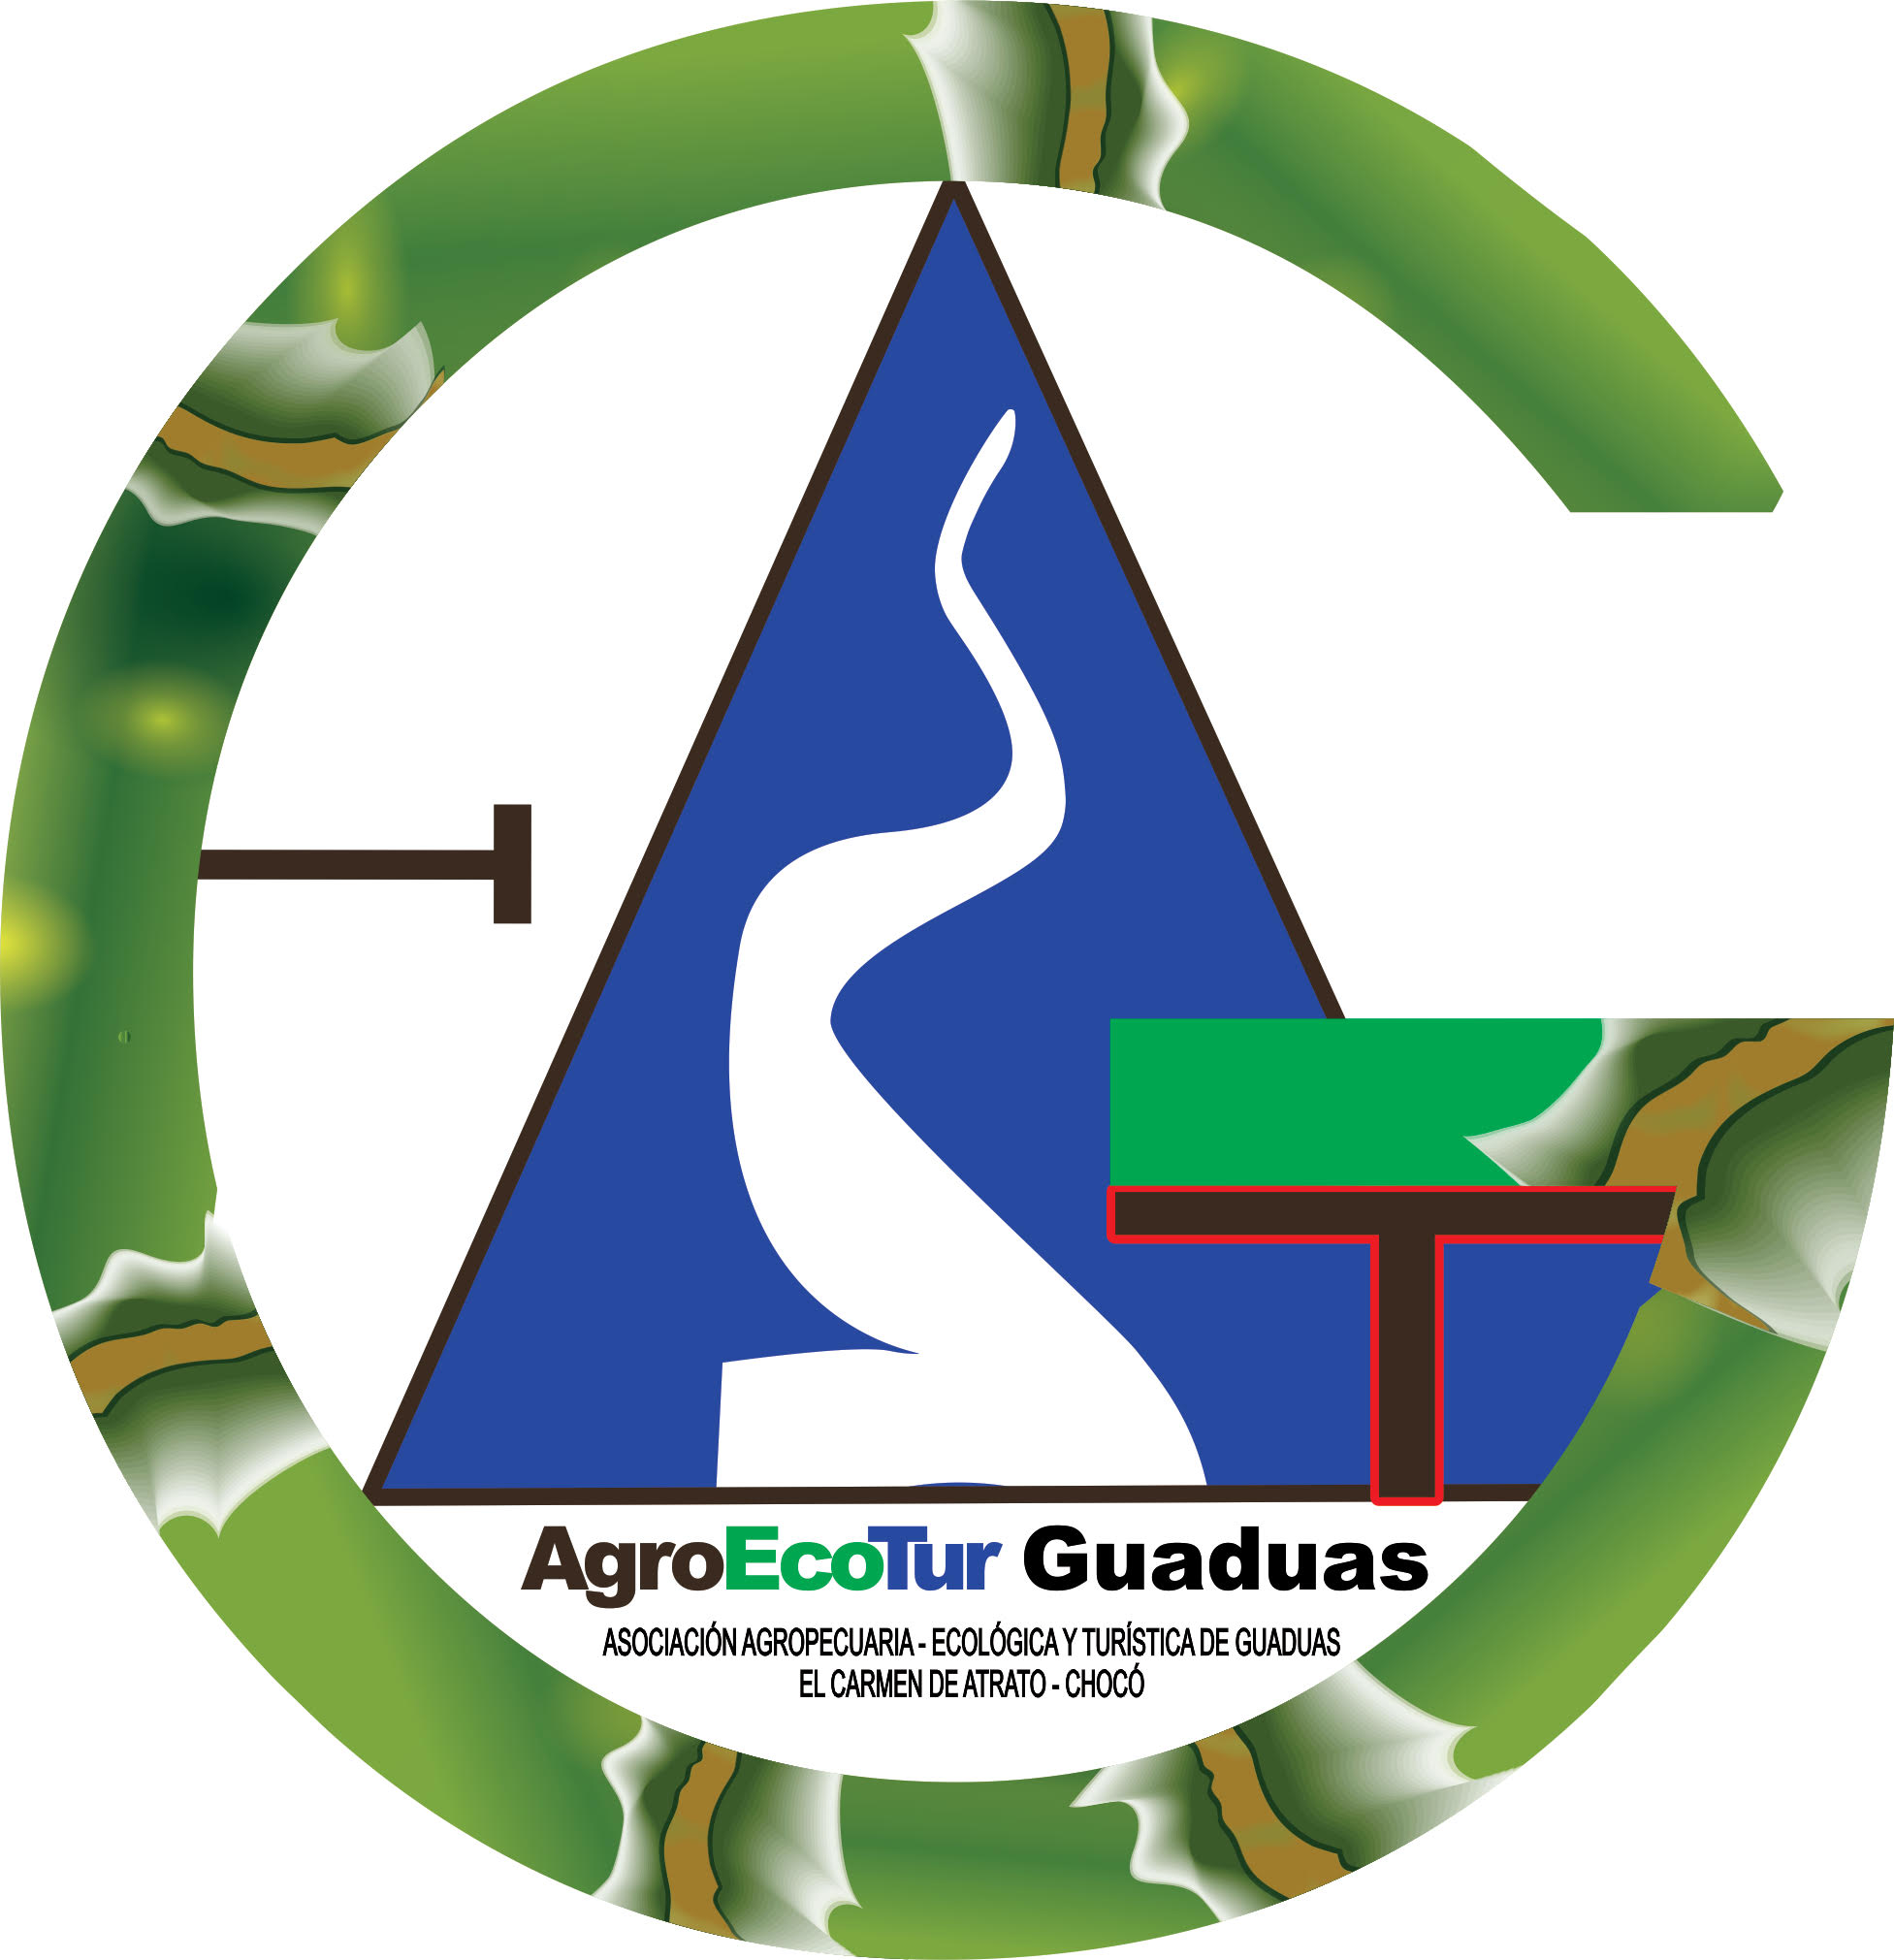 Agroecotur